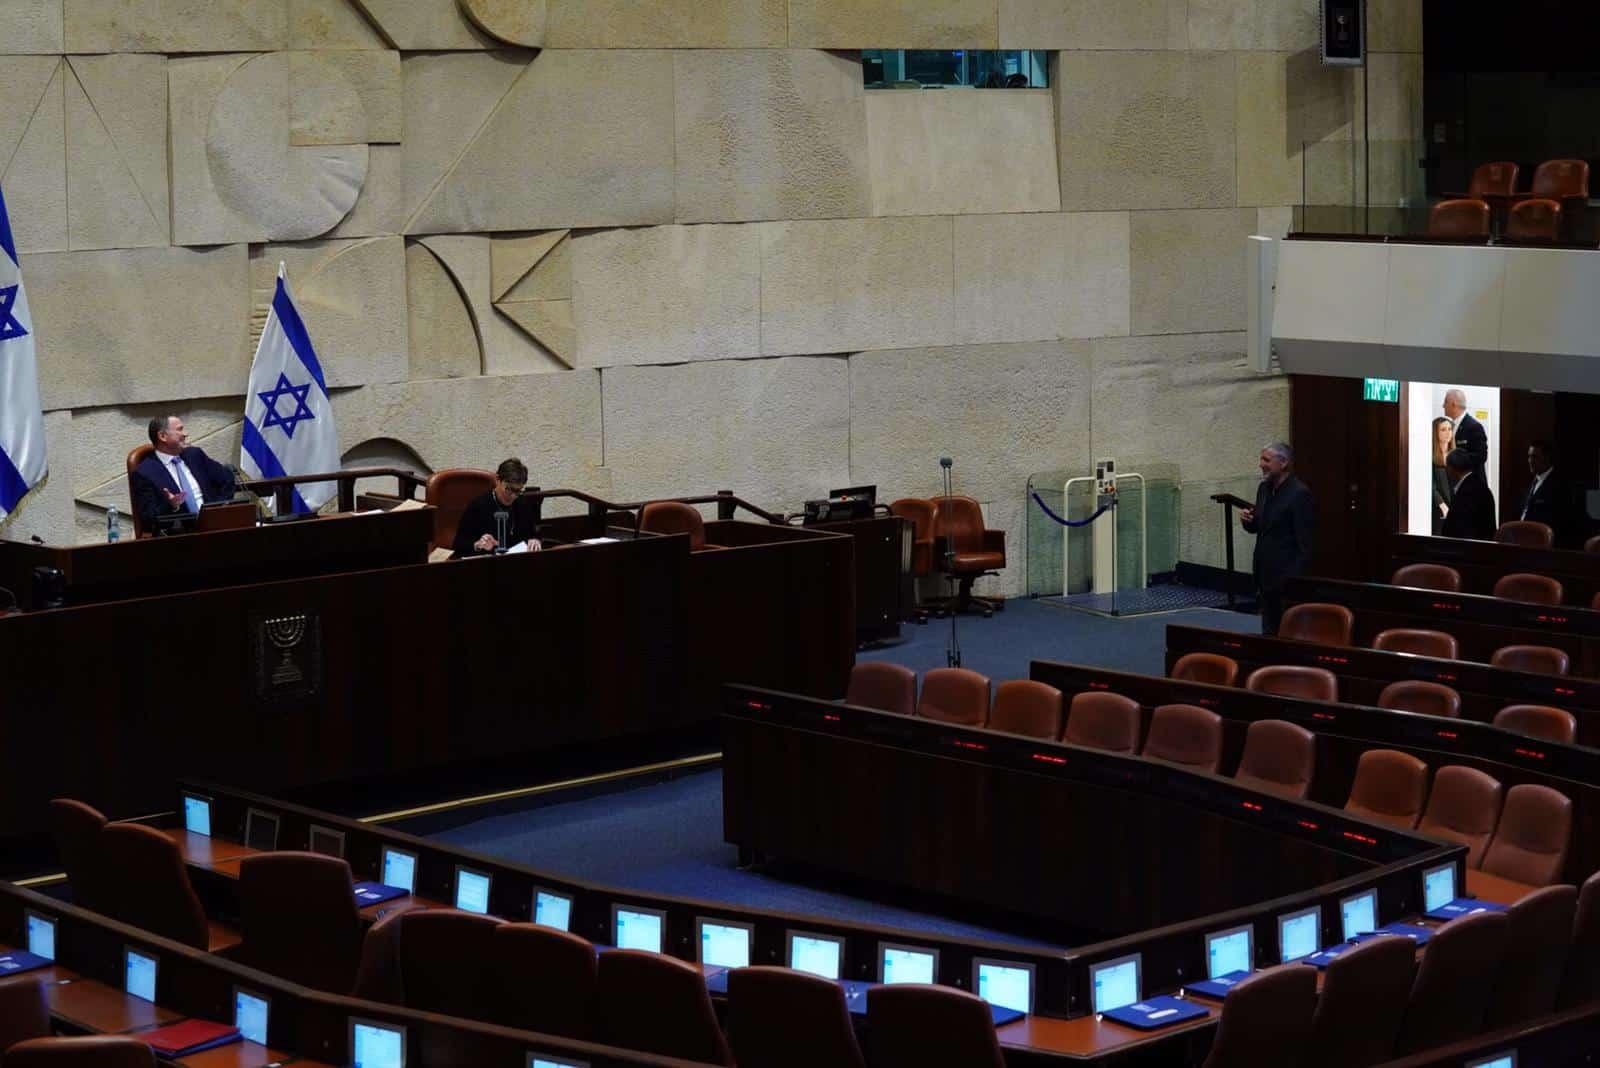 Golosovanie v Knessete po novym pravilam